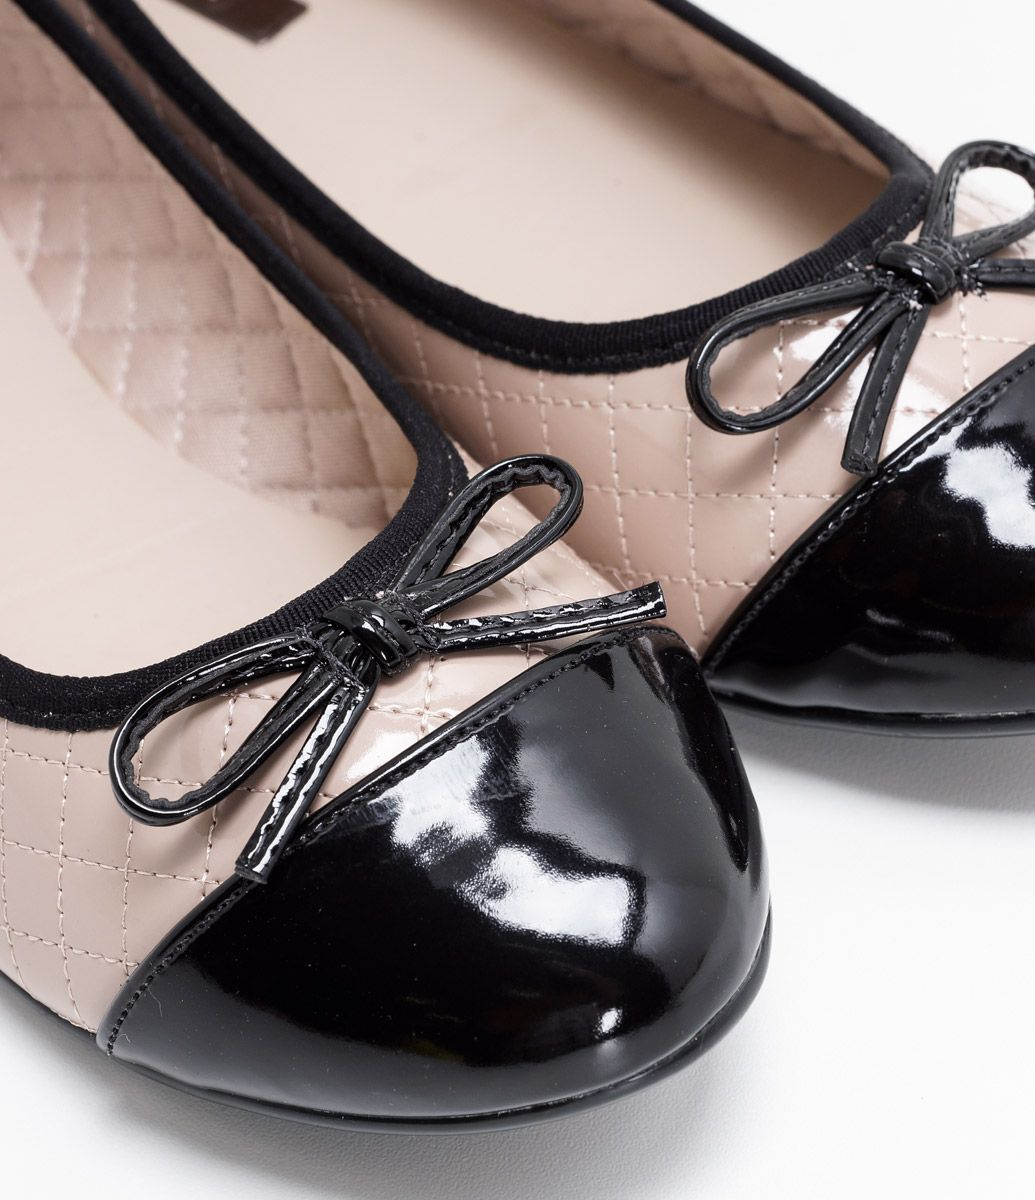 569e797ef Sapatilha Feminina Verniz Marca: Moleca Material: Sintético COLEÇÃO INVERNO  2017 Veja outras opções de sapatos femininos.